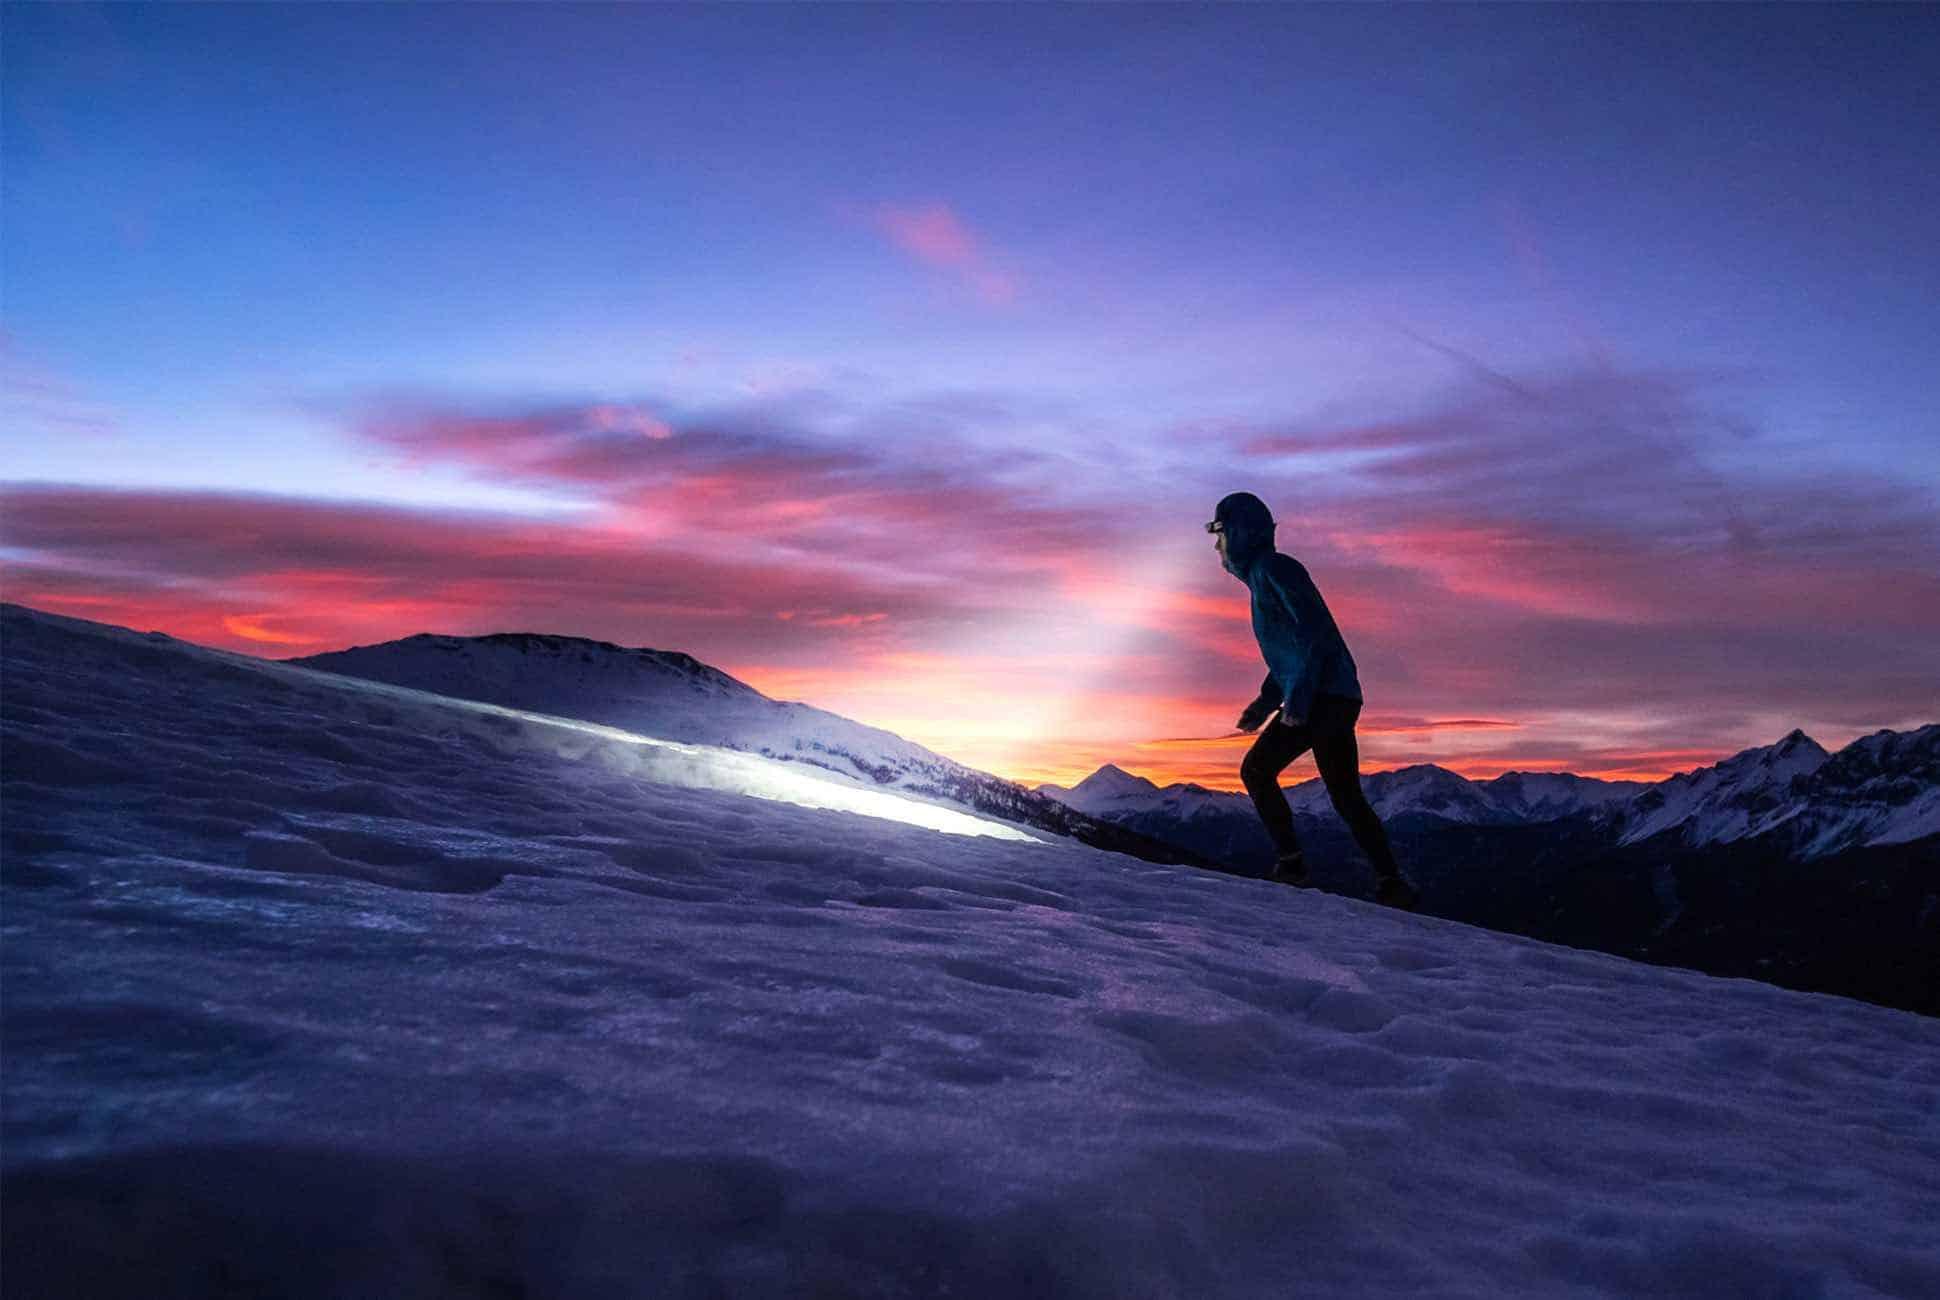 Migliori lampade frontali per trekking: Guida all'acquisto